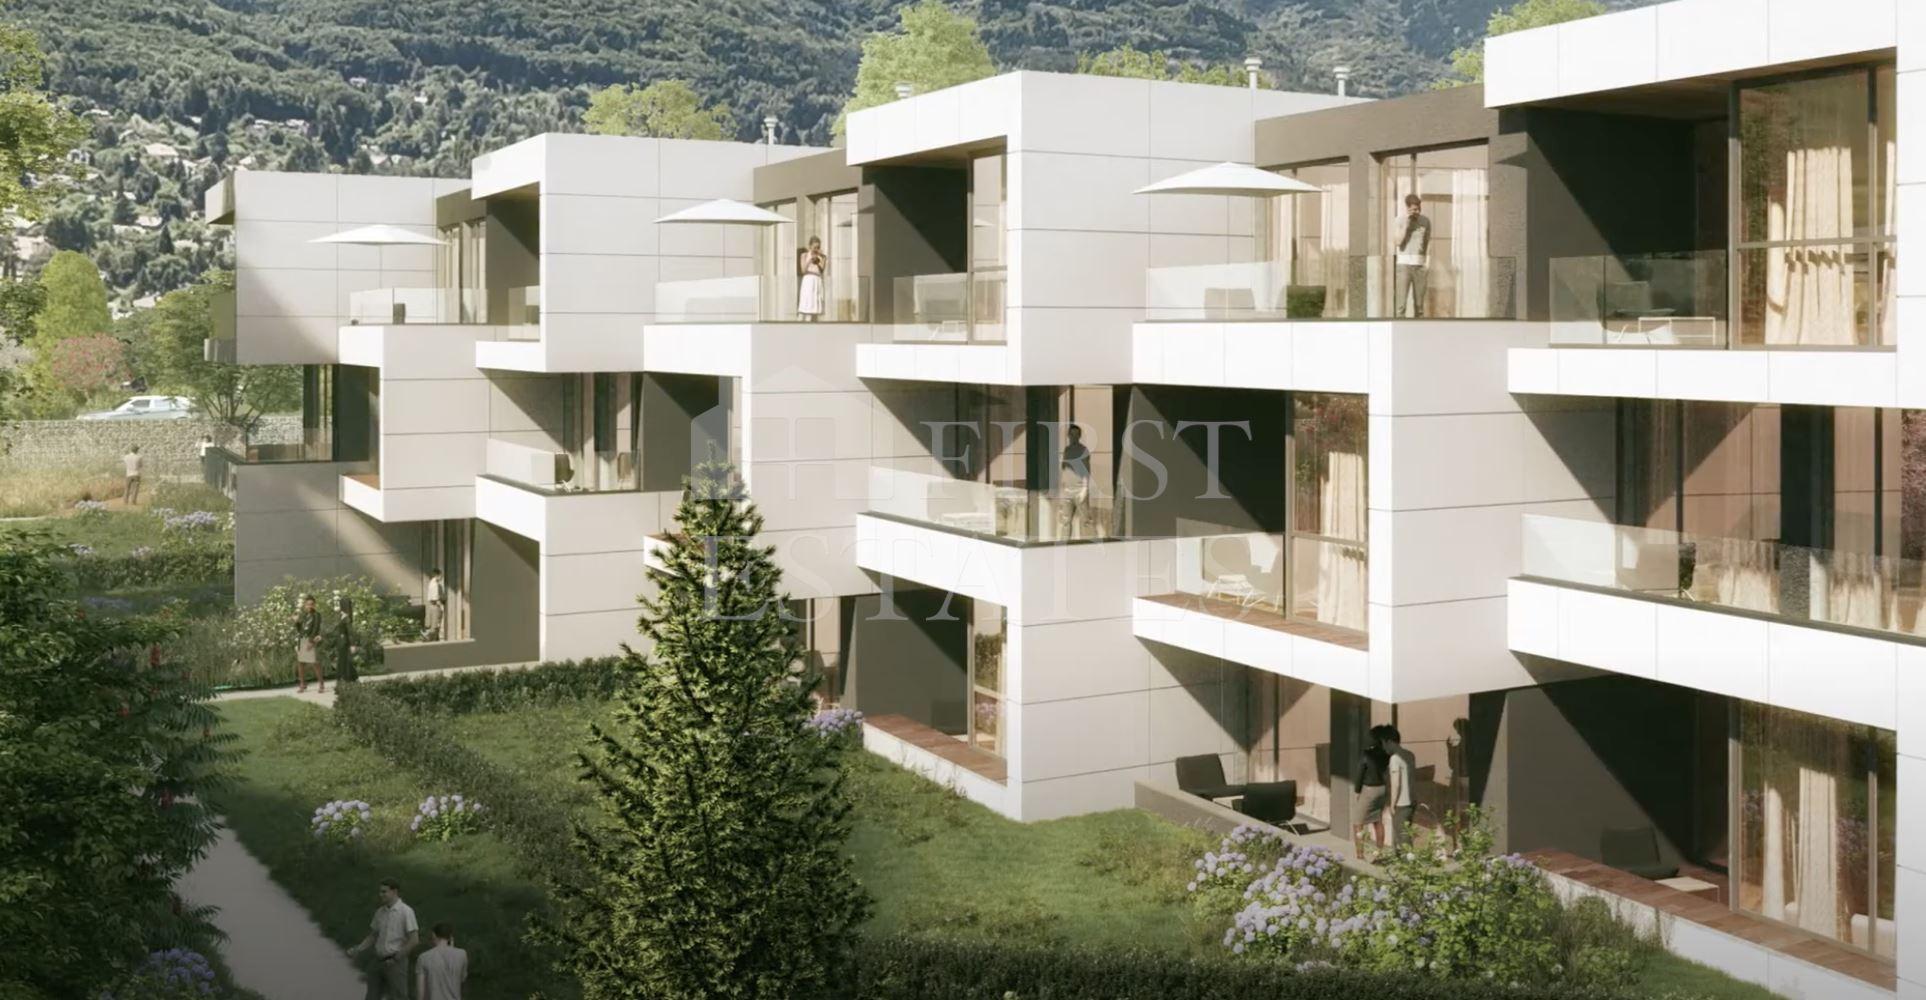 174 - 536 m² офис за продажба